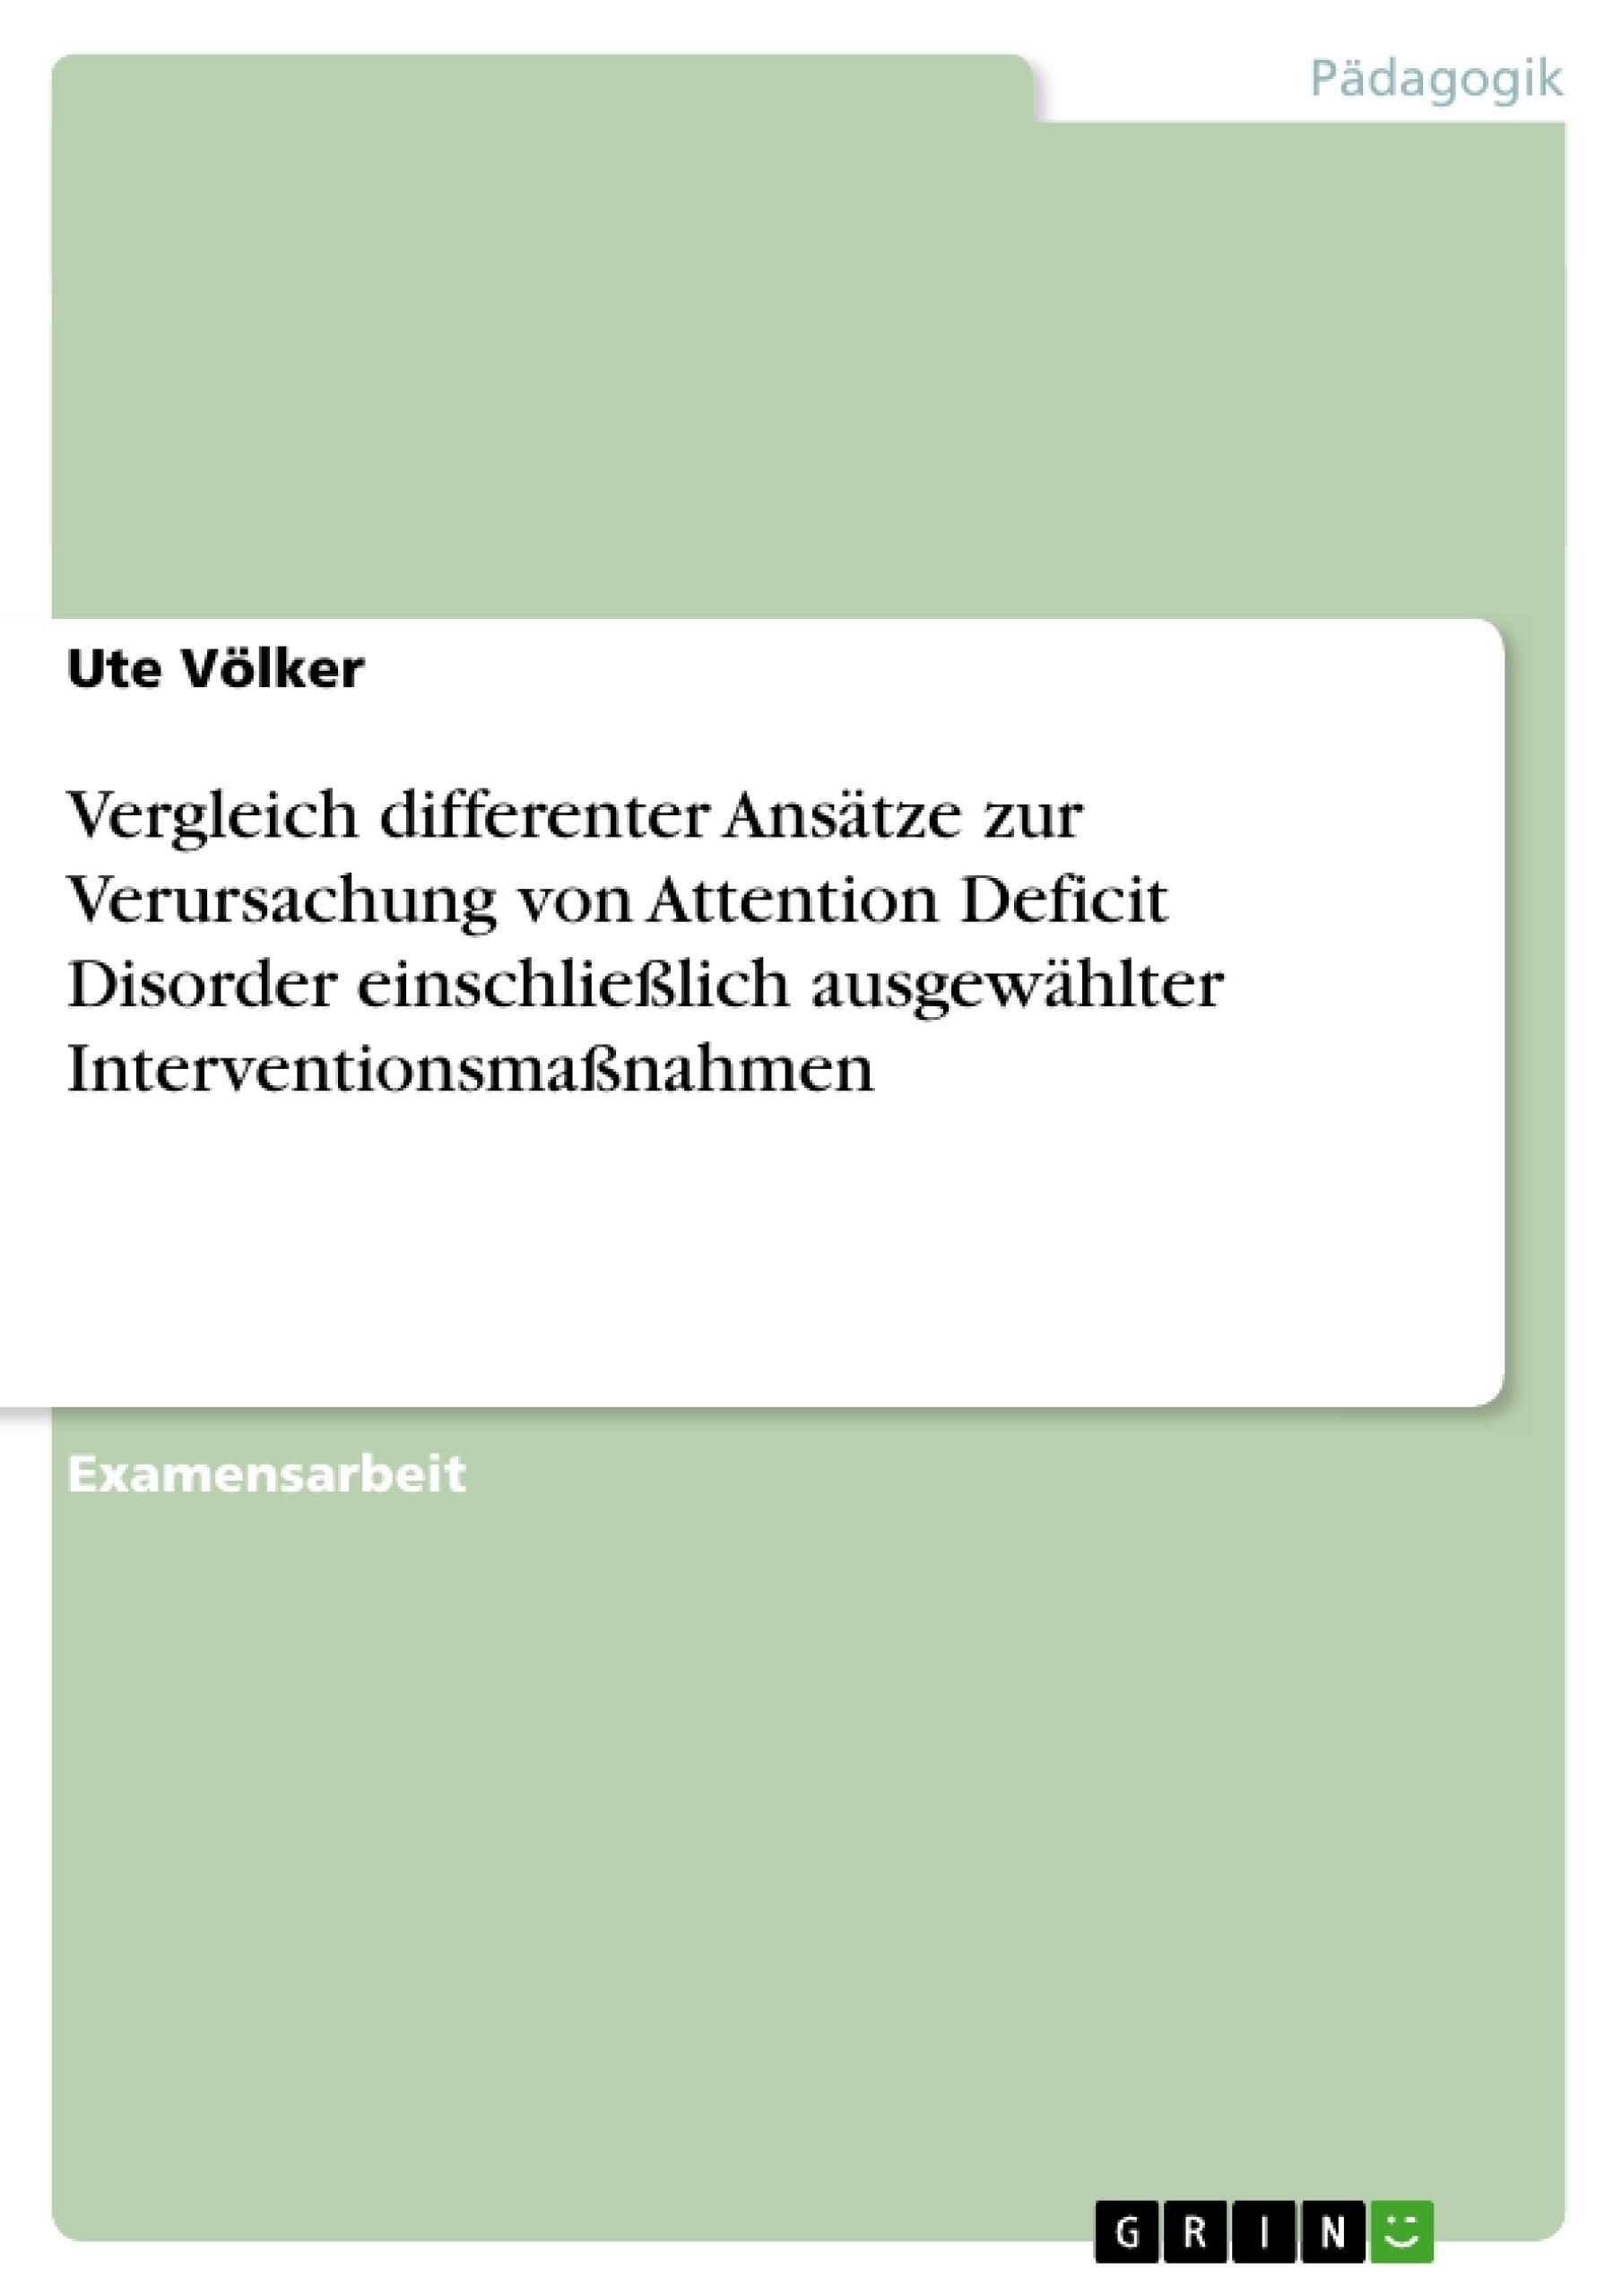 Titel: Vergleich differenter Ansätze zur Verursachung von Attention Deficit Disorder einschließlich ausgewählter Interventionsmaßnahmen